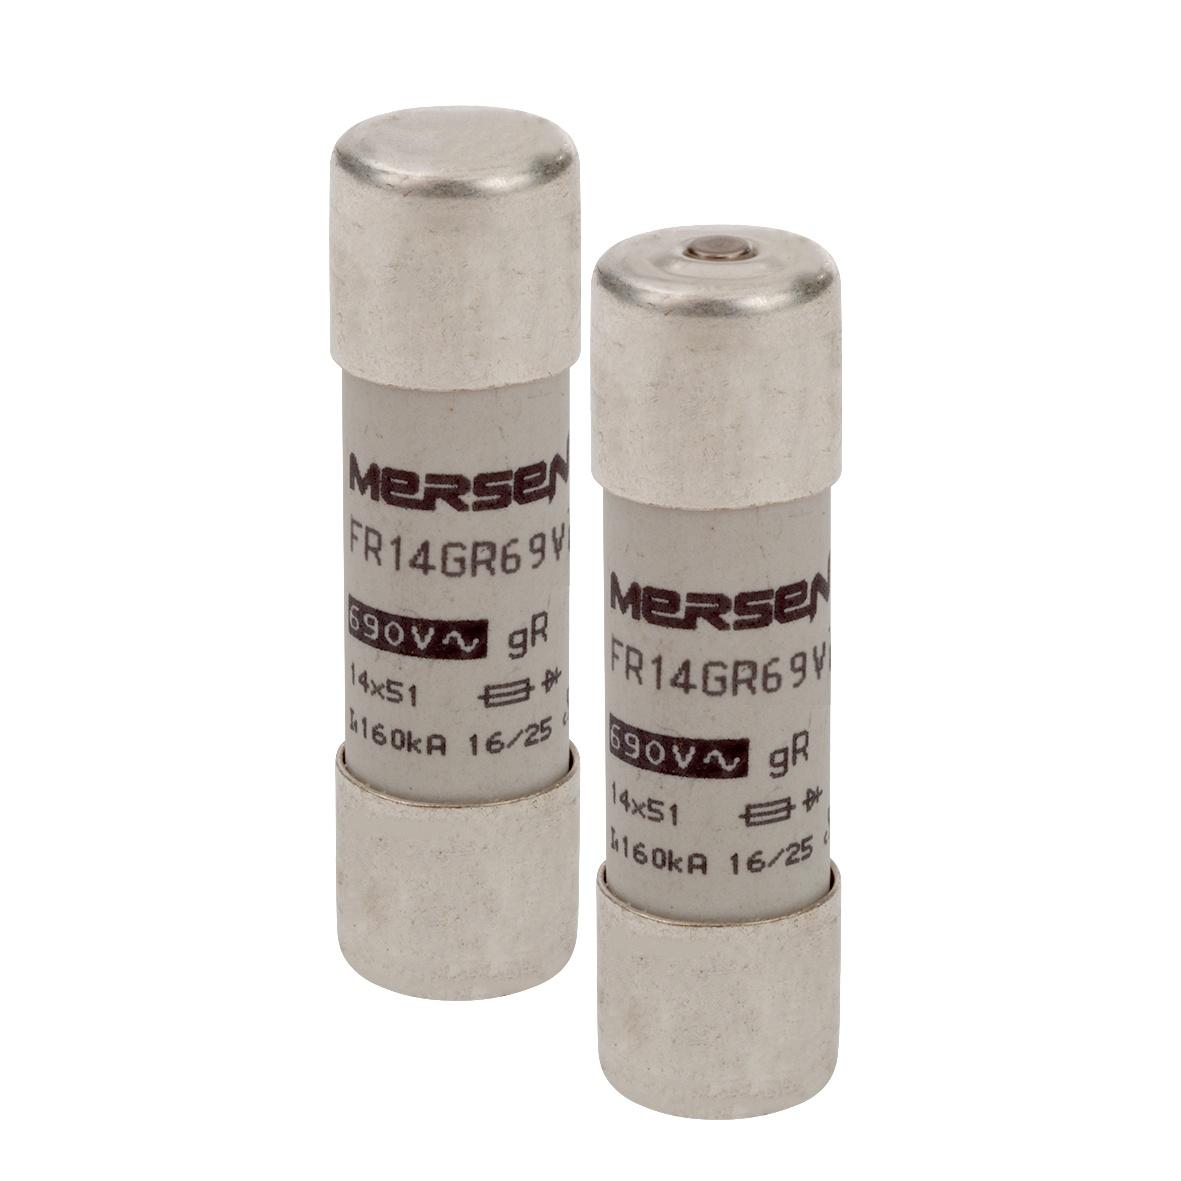 https://www.sdsdrives.com/app/uploads/product-images/004-protection/001-fuses/fr14gr69v.jpg